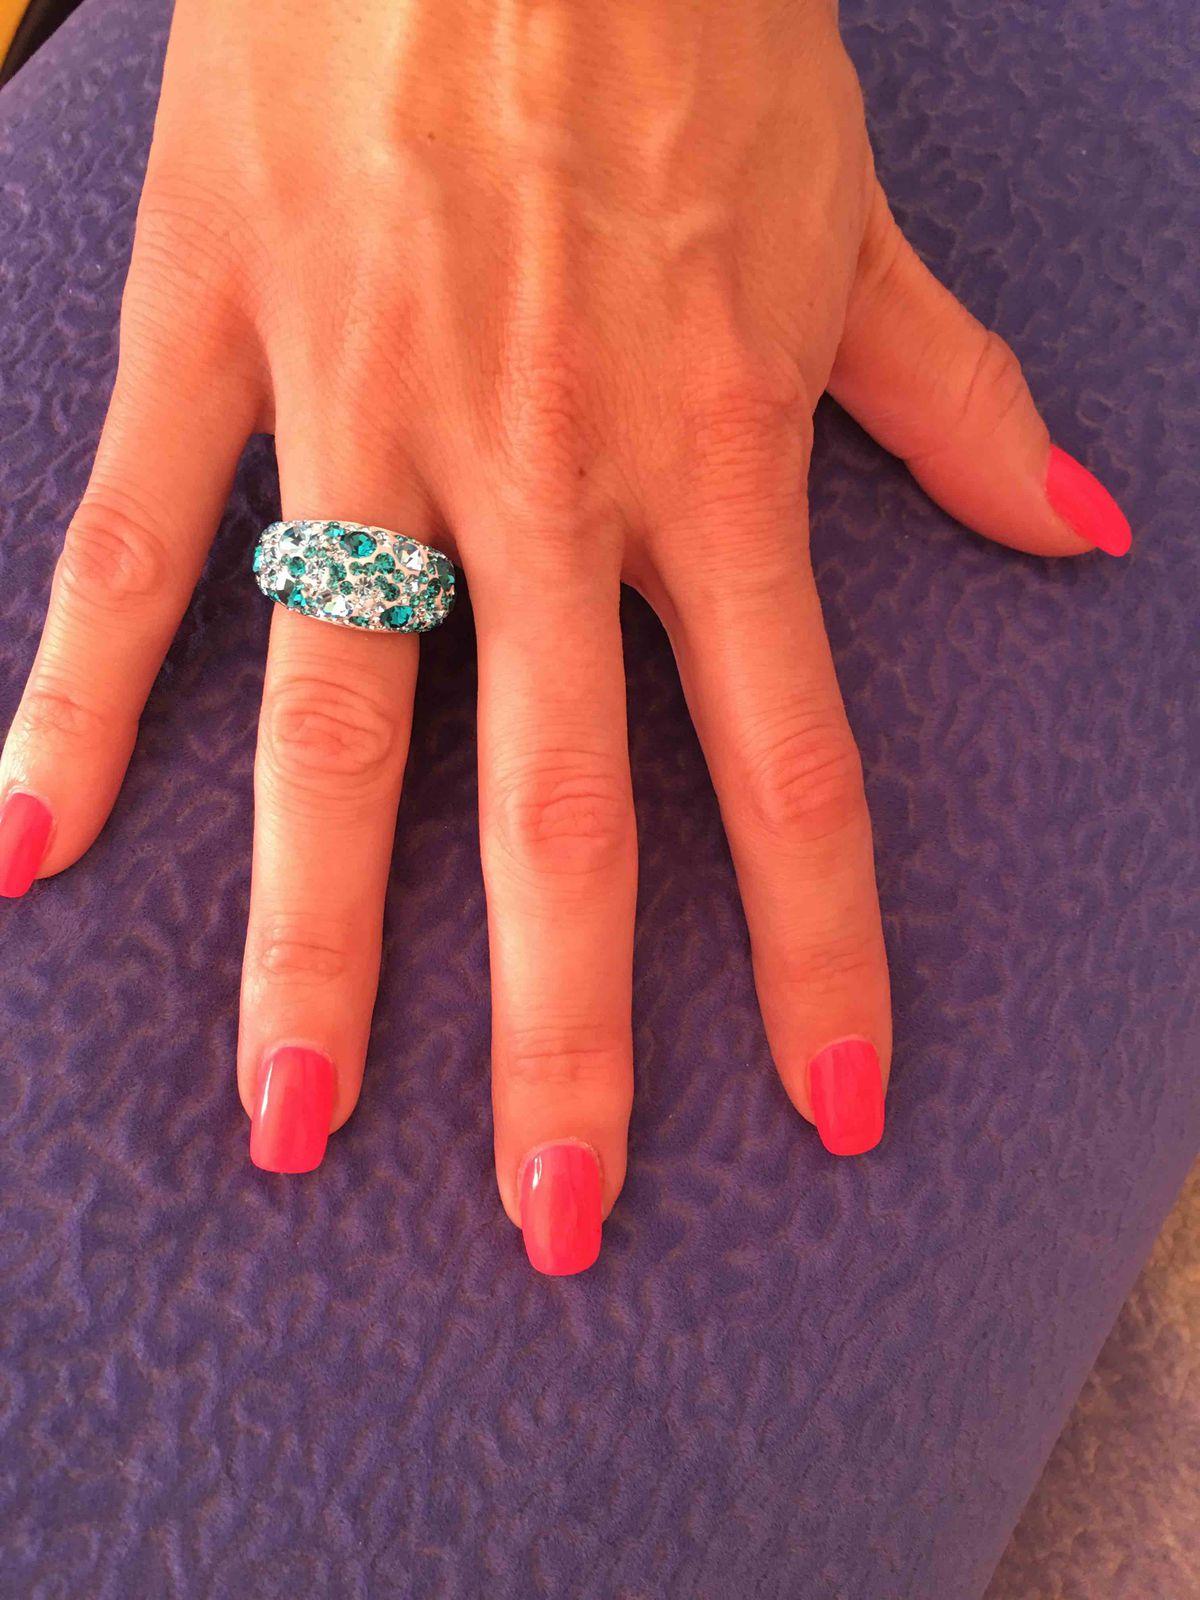 Кольцо серебряное, украшенное голубыми фианитами разного размера.